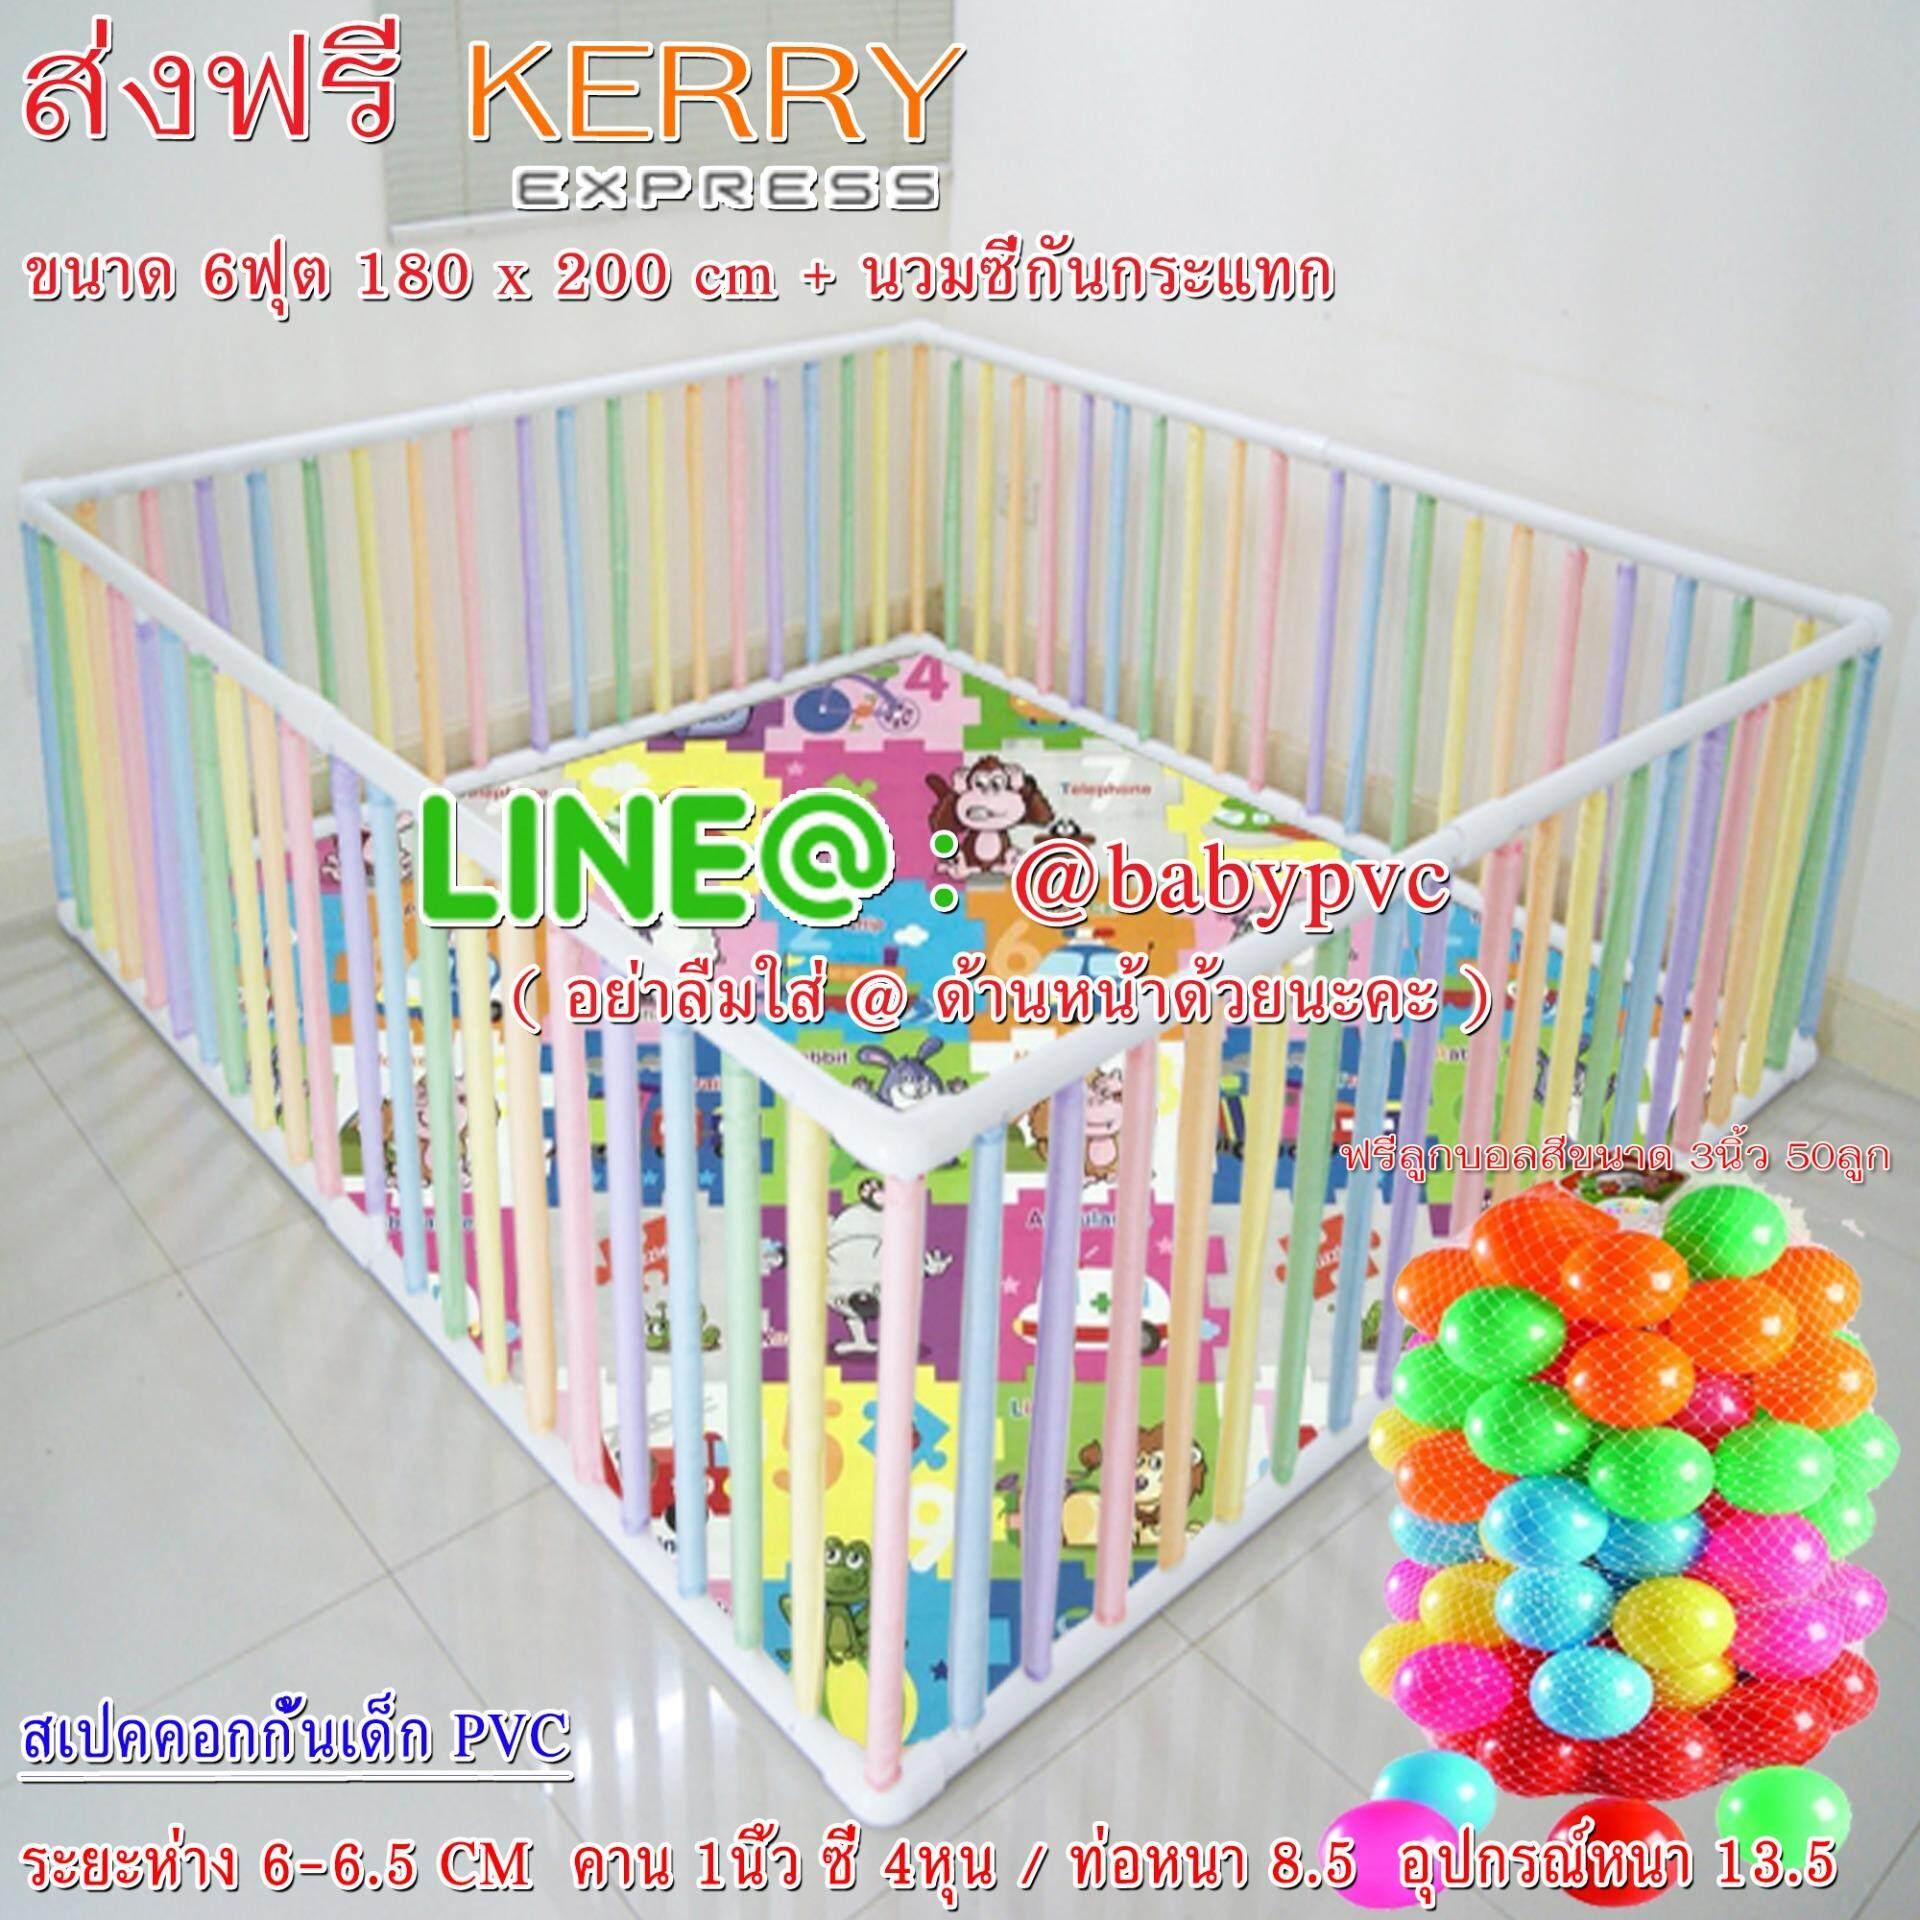 [[ ส่งฟรี Kerry ]] คอกกั้นเด็ก สีขาว + นวมซี่สีพาสเทล  ขนาด 6ฟุต 180*200 Cm. สูง 60 Cm. + บอลสี 50ลูก.